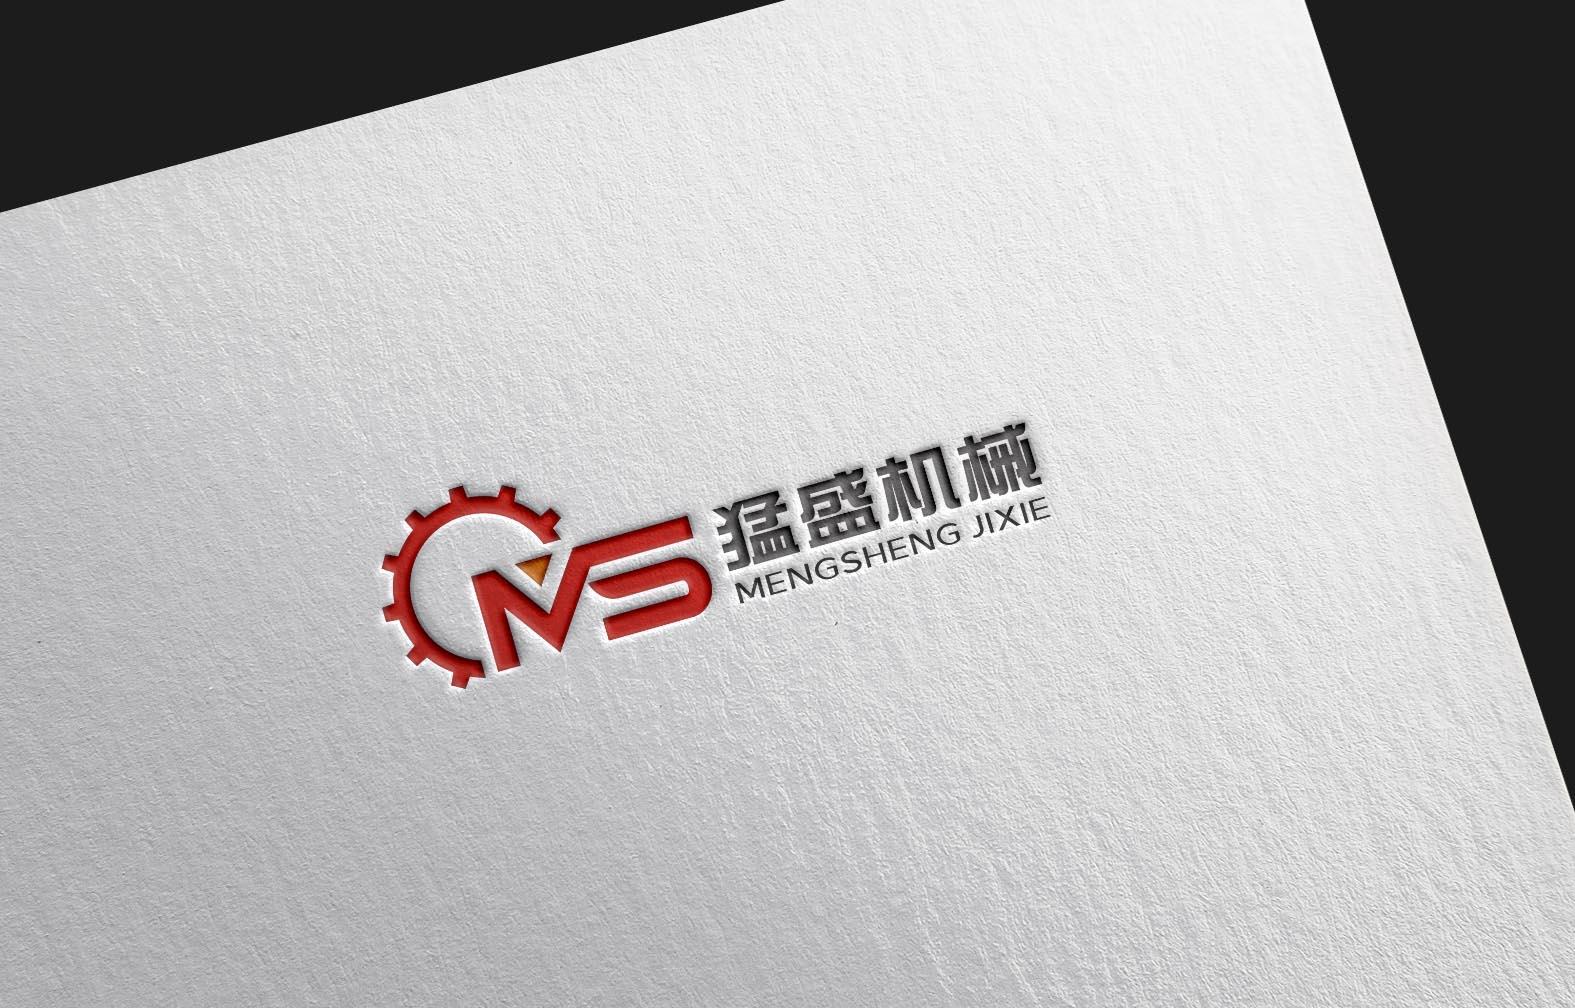 上海猛盛机械科技公司LOGO、广告语_2965996_k68威客网